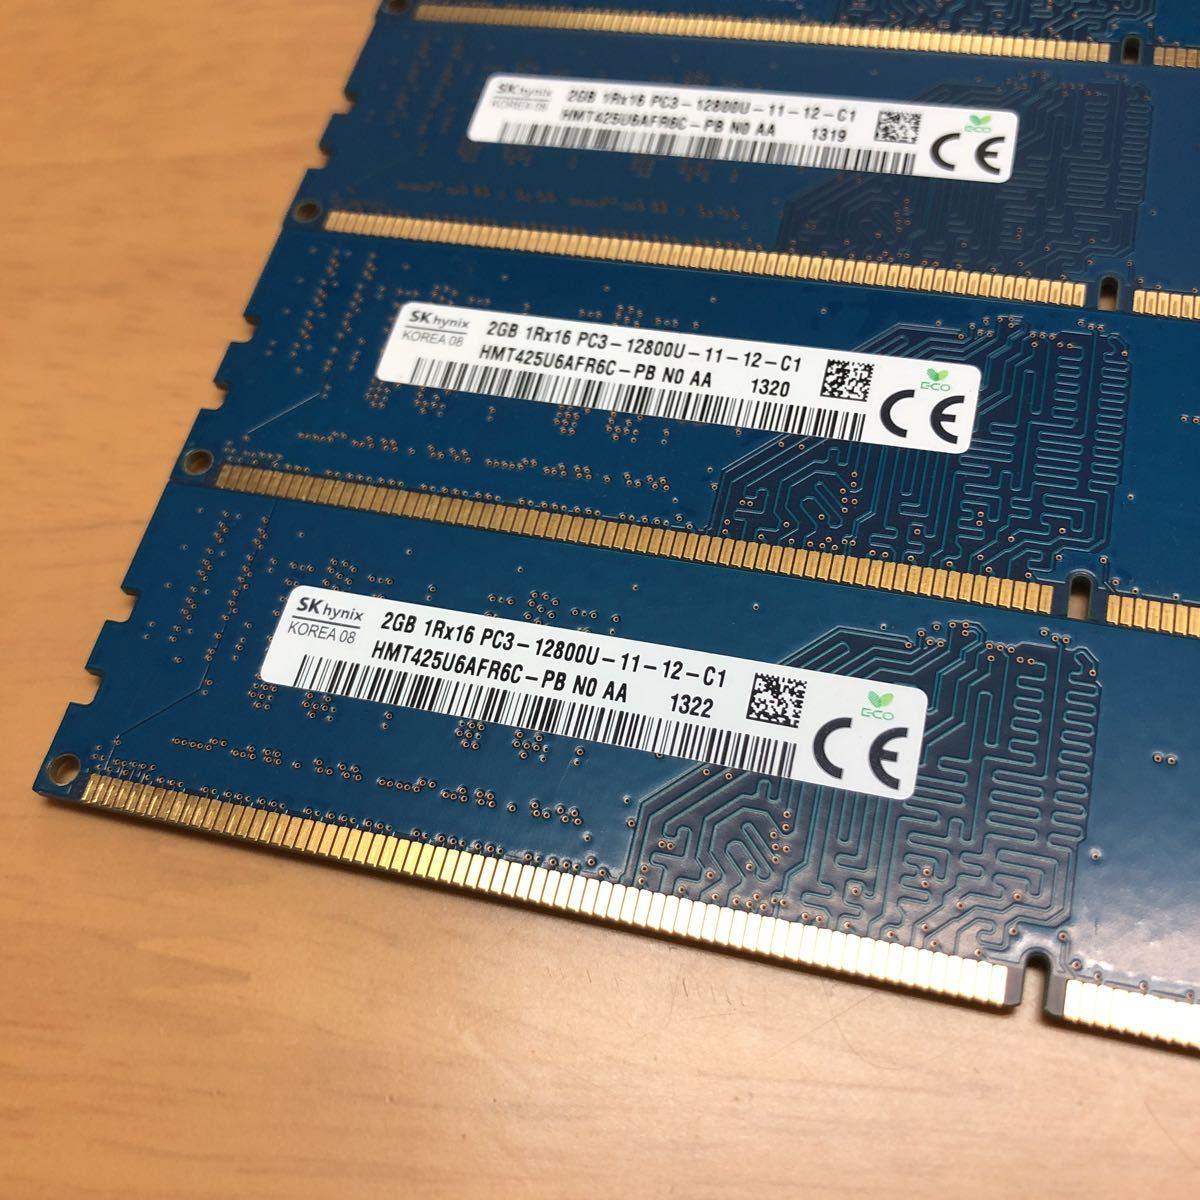 高性能 美品 SK hynix 1Rx16 PC3-12800U-11-12-C1 2GB×4枚 計8GB (DDR3 1600) 片面チップ デスクトップ PCメモリー 完動品_画像4